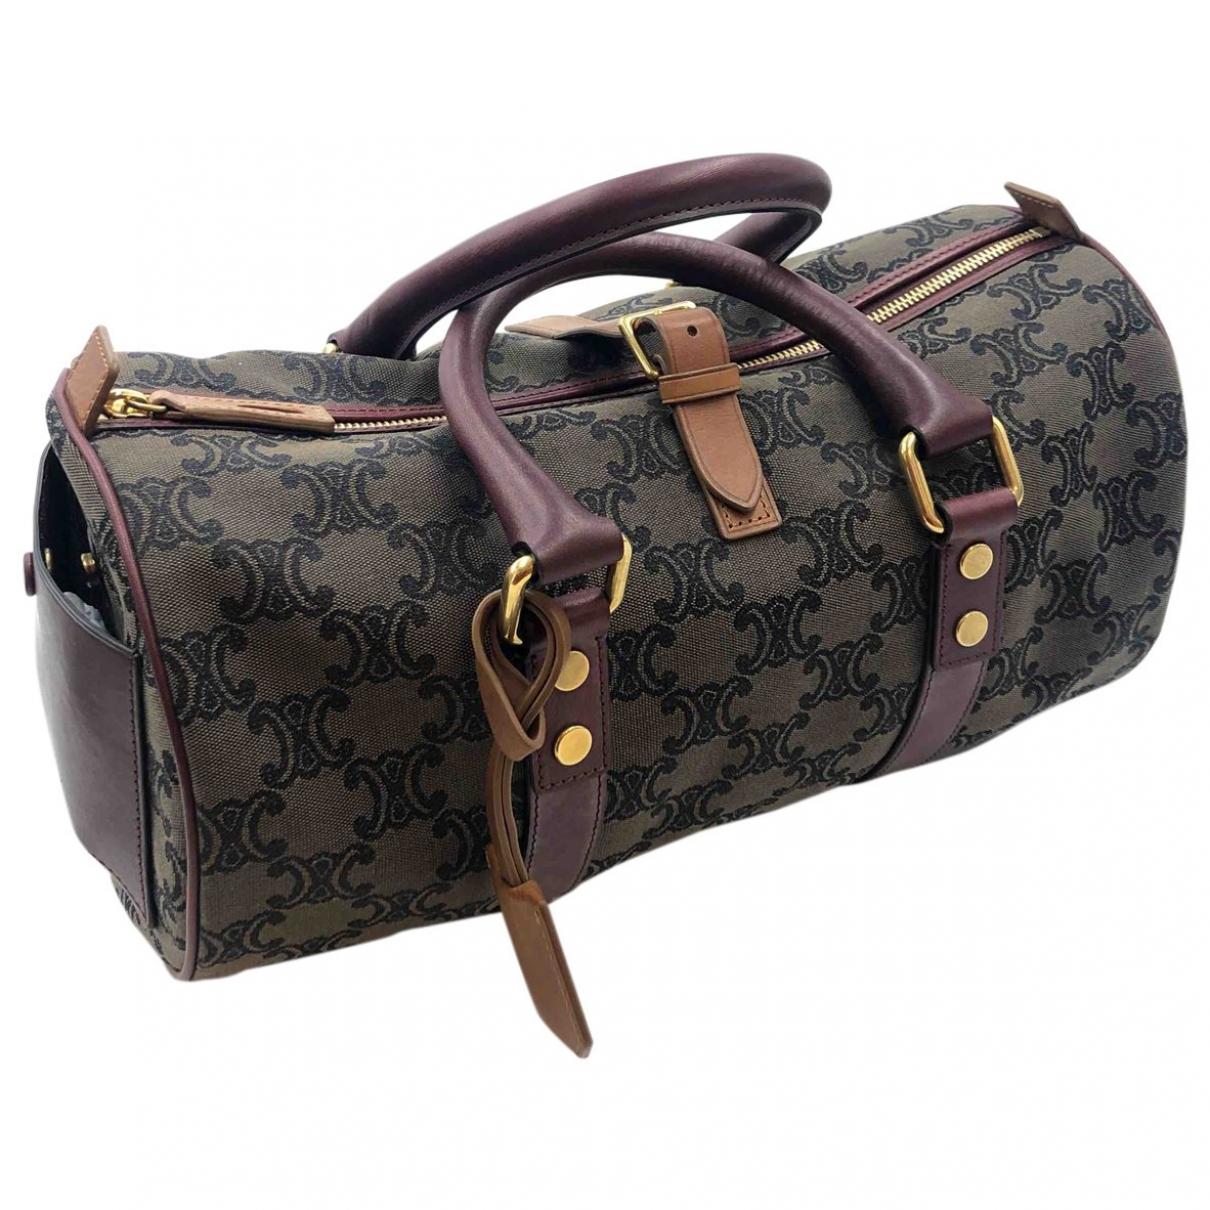 Celine \N Leather handbag for Women \N